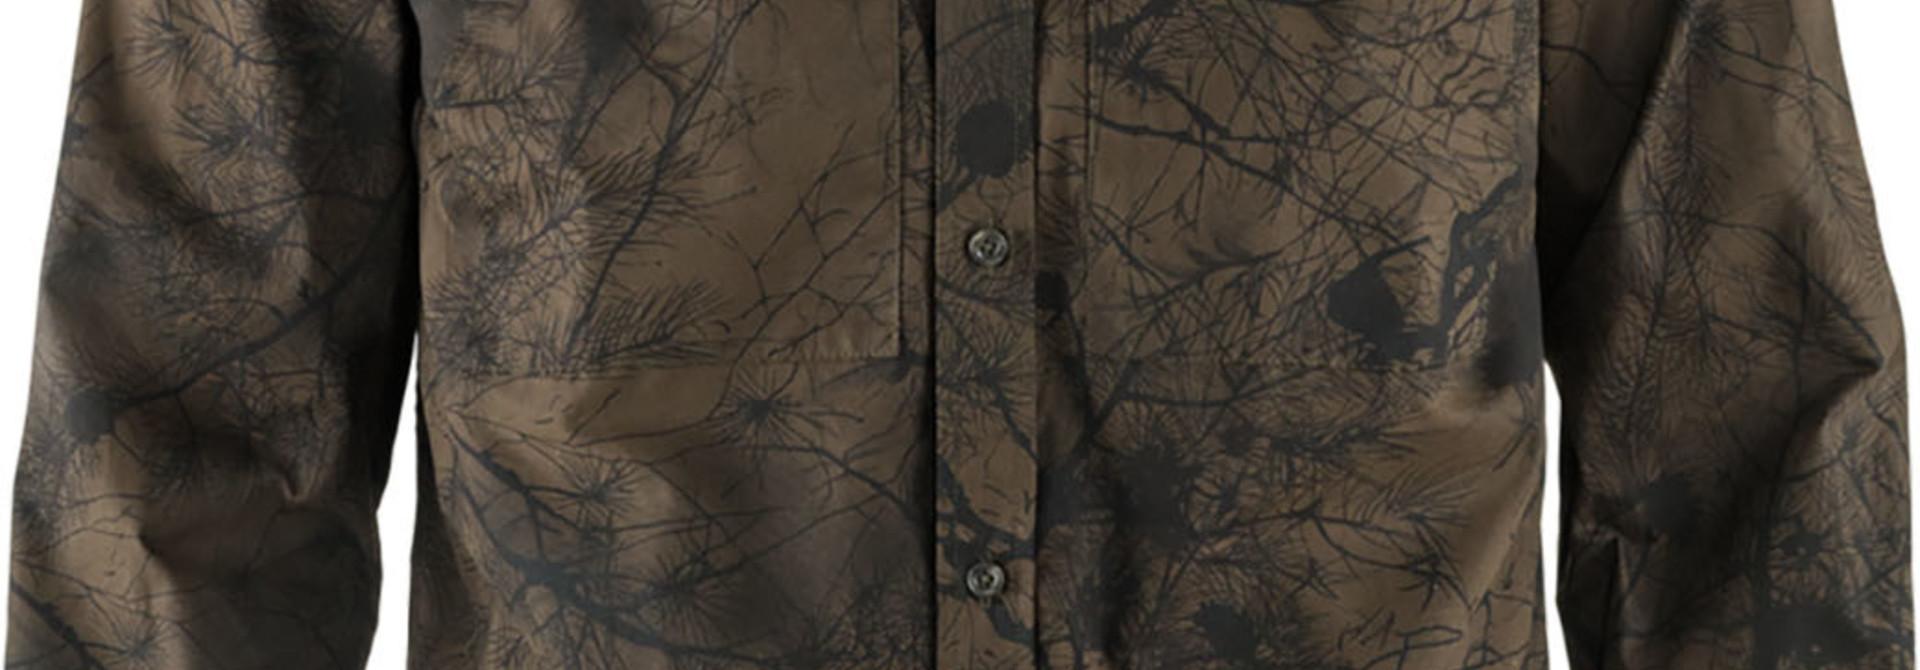 Fjällräven Värmland G-1000 Shirt M Dark Olive Camo